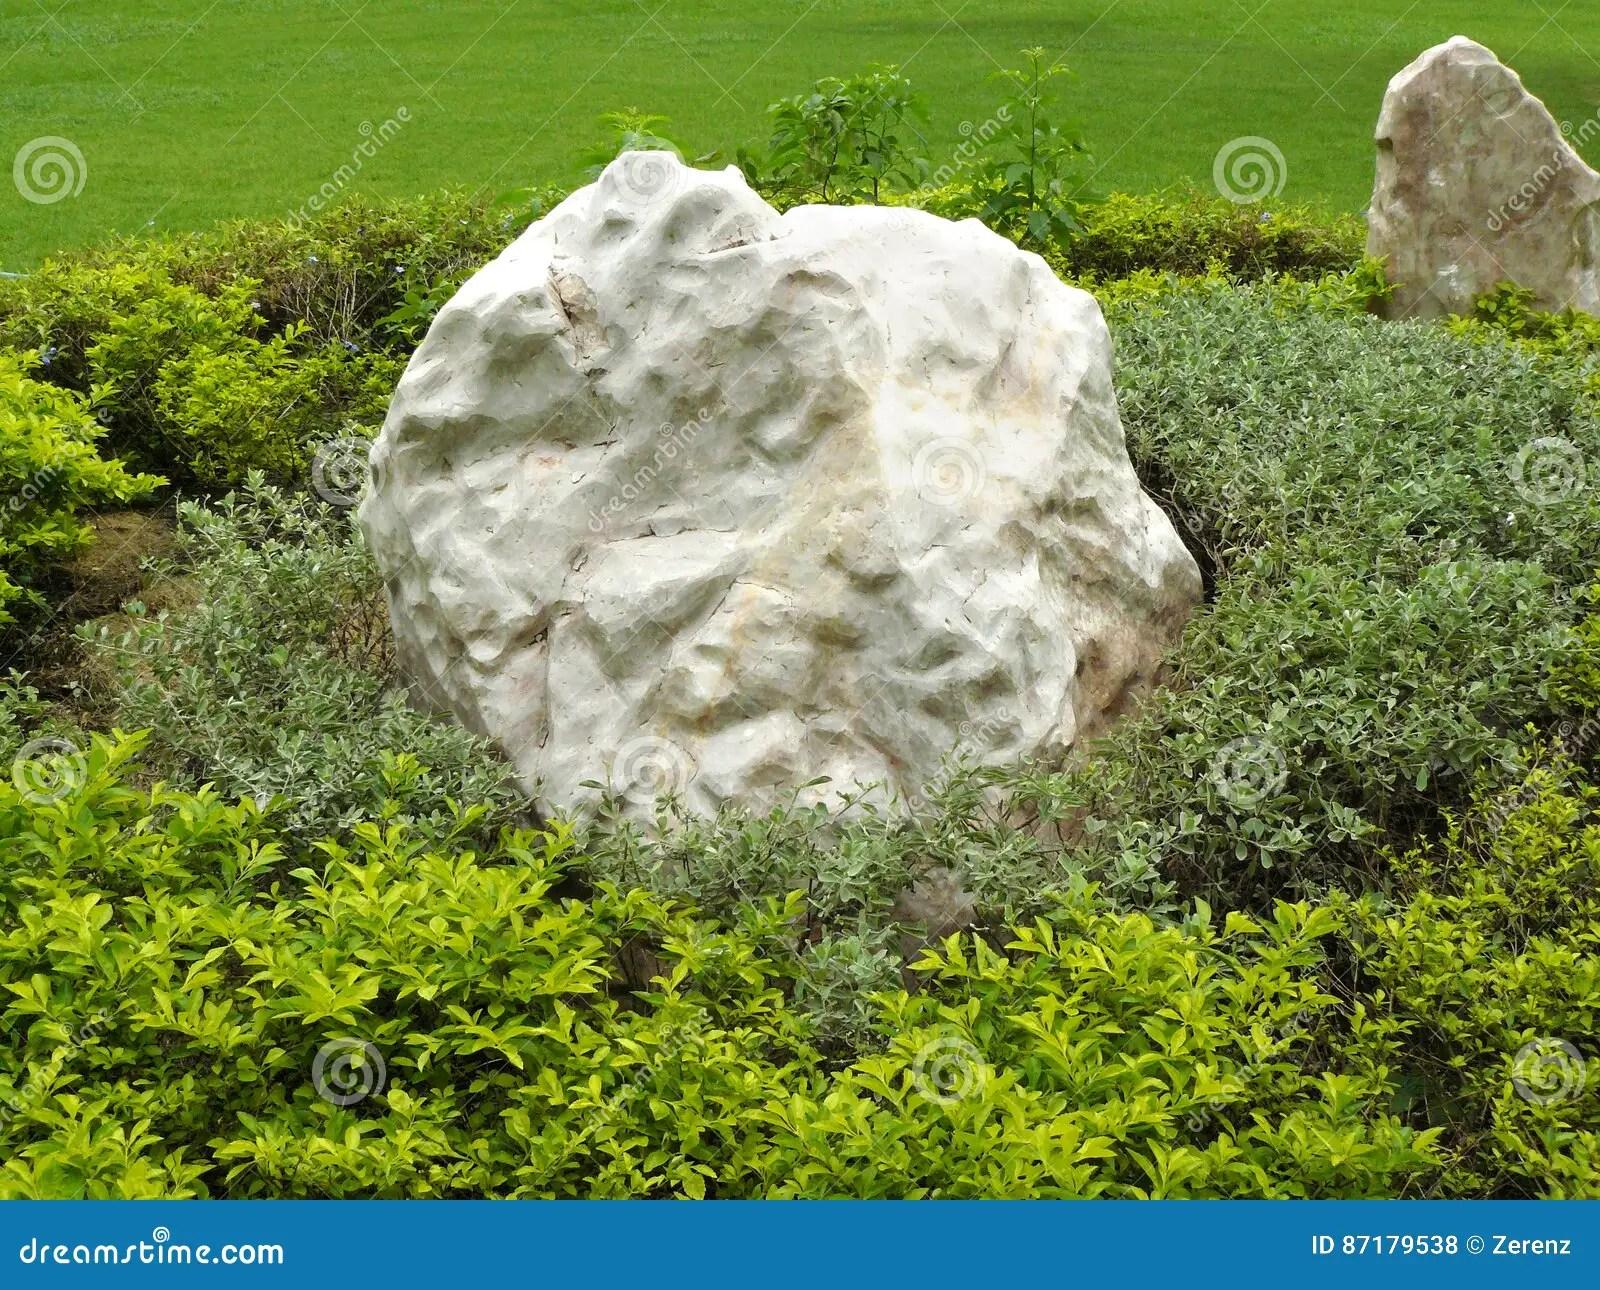 grand rocher place dans le jardin photo stock image du jardin centrale 87179538